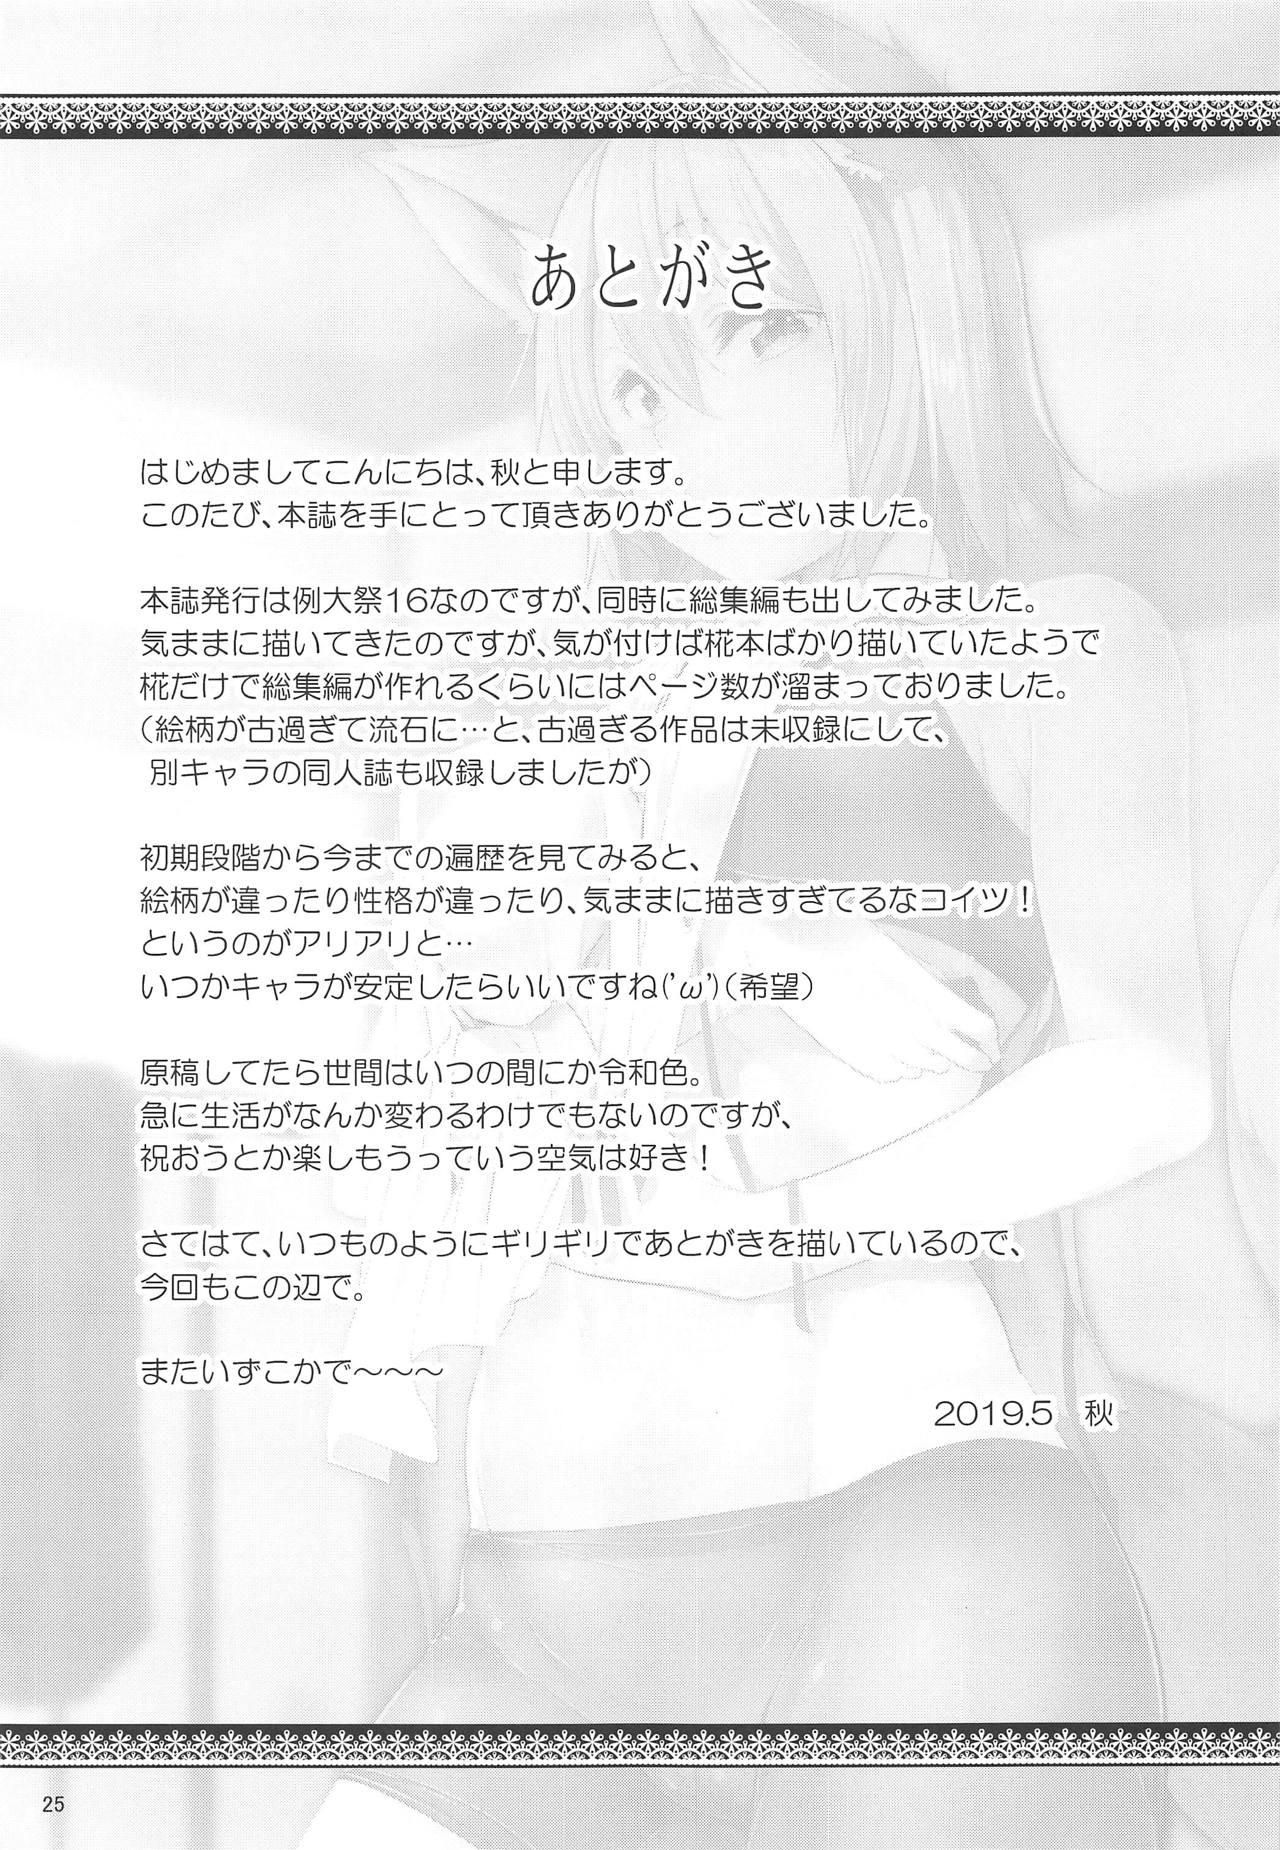 Youkai no Yama no Seishori Jijou 23